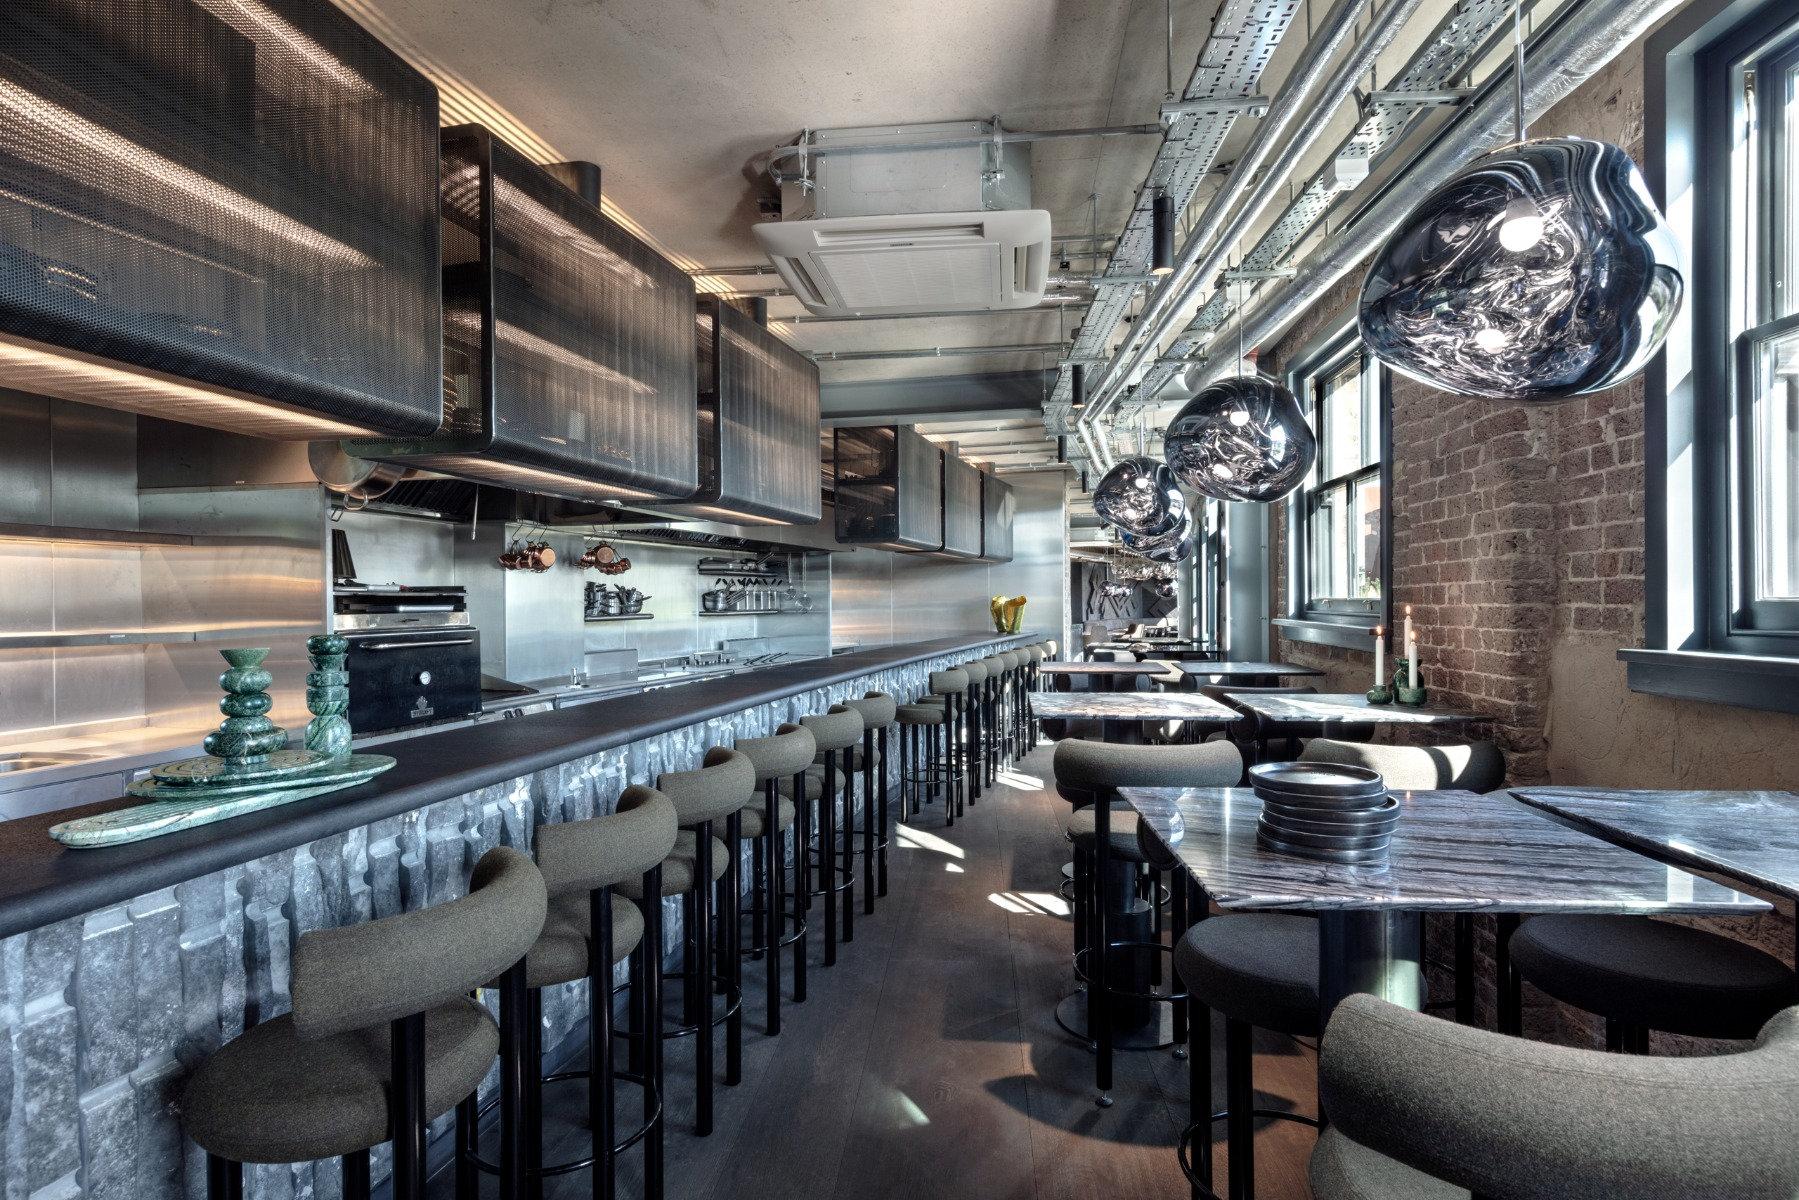 Coal_Office_Restaurant-0216.jpg